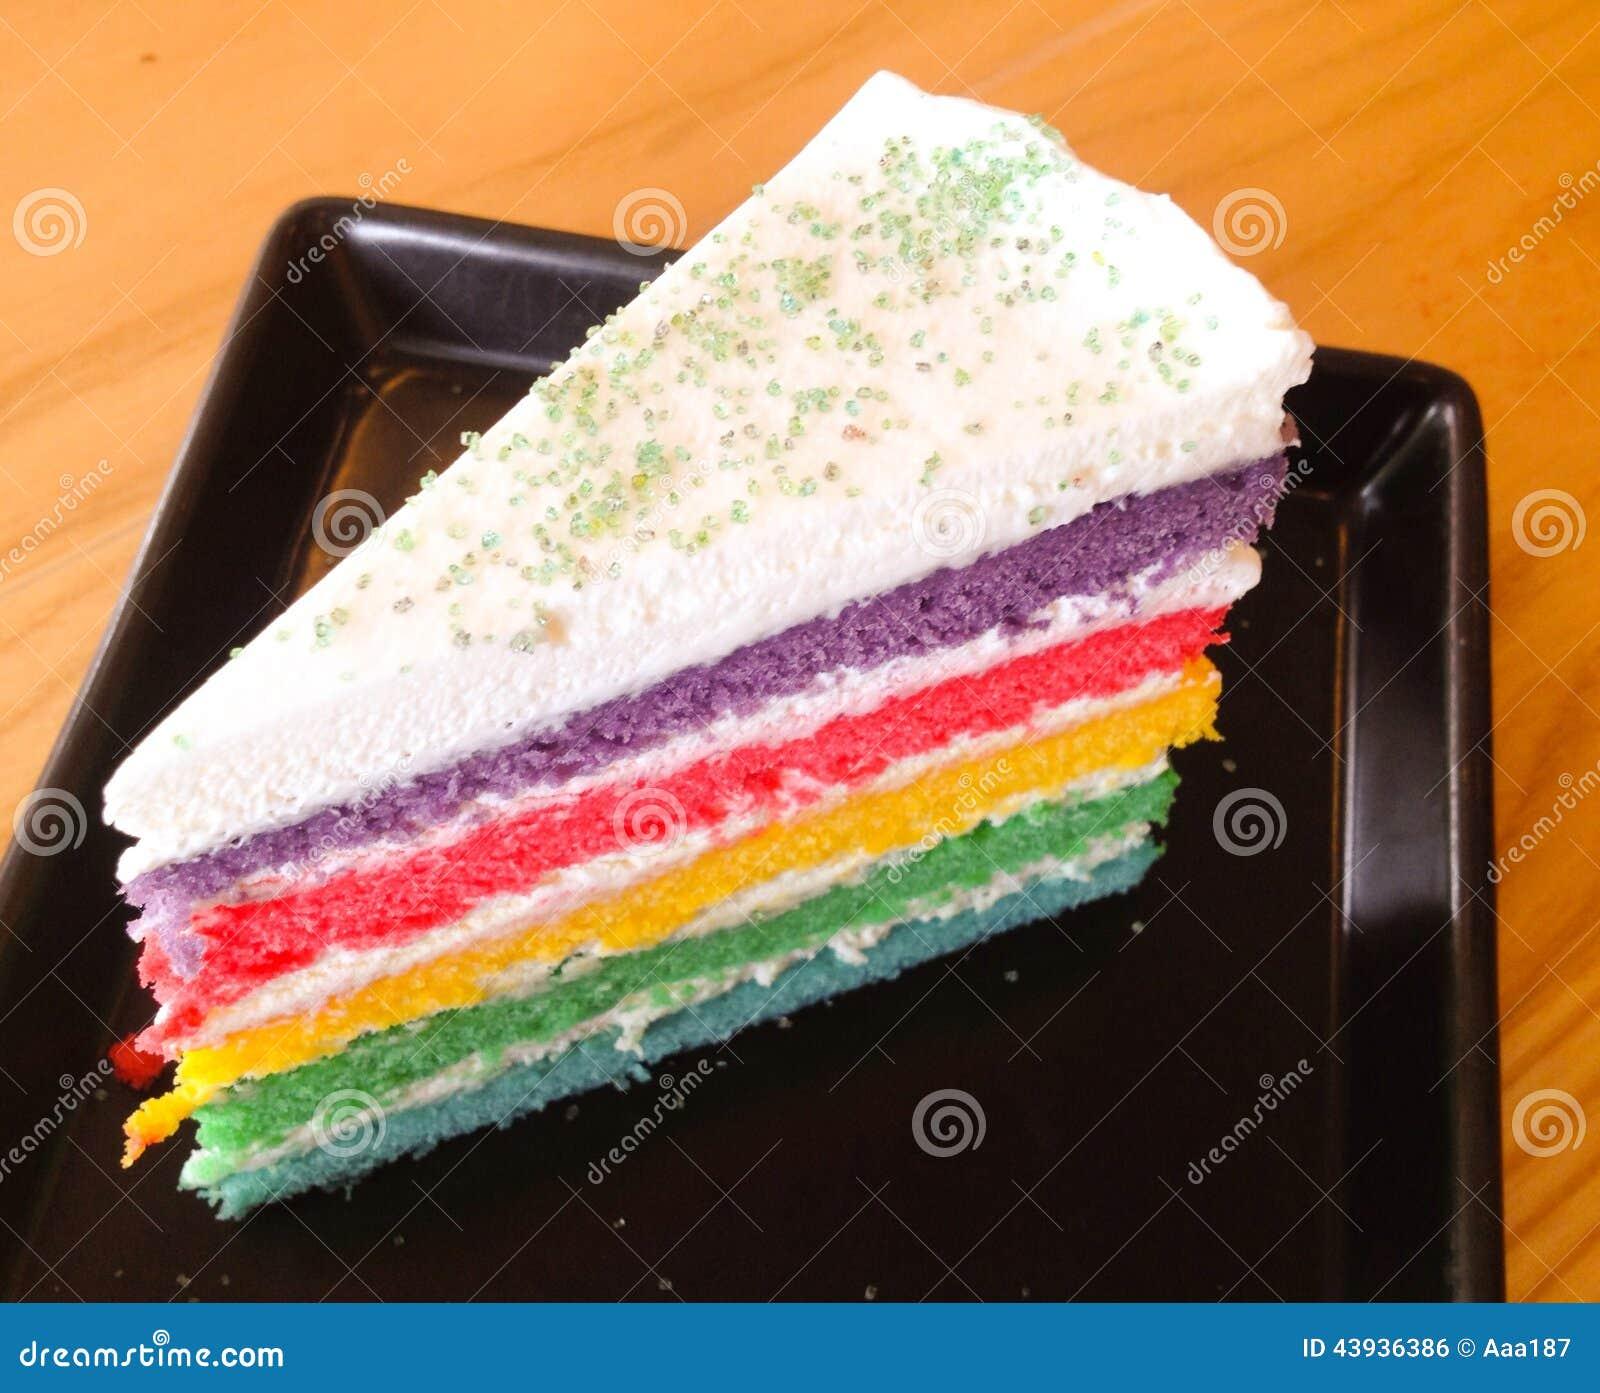 甜和五颜六色彩虹夹心蛋糕.图片